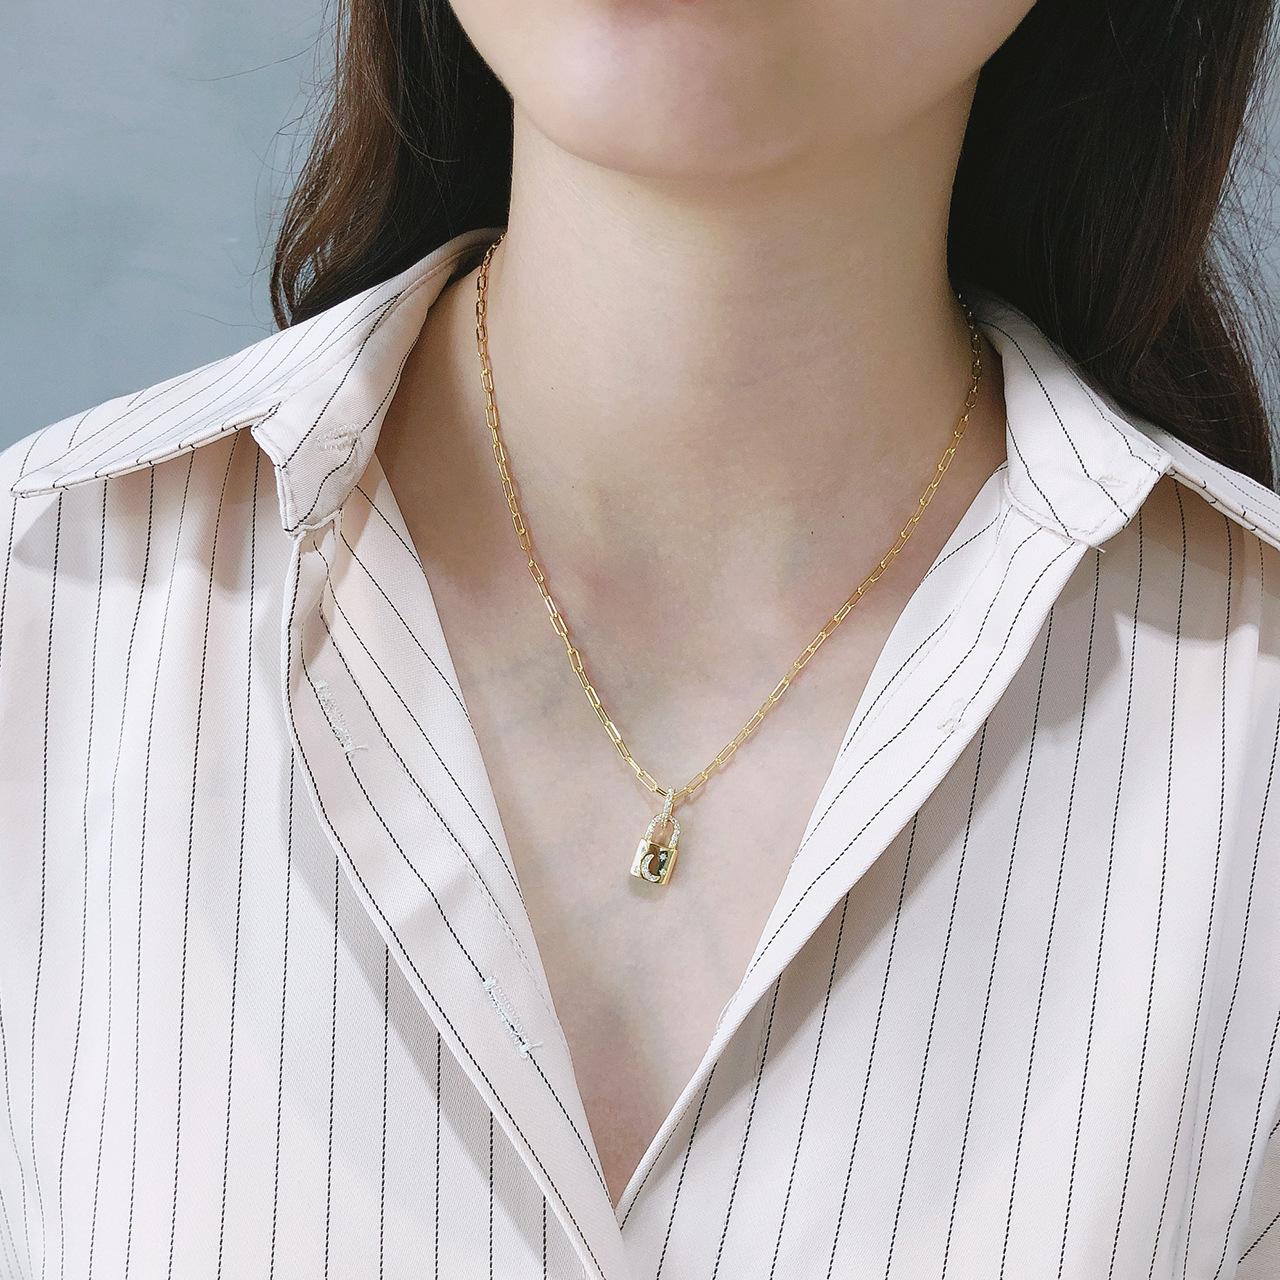 Женское ожерелье с подвеской leouerry из стерлингового серебра